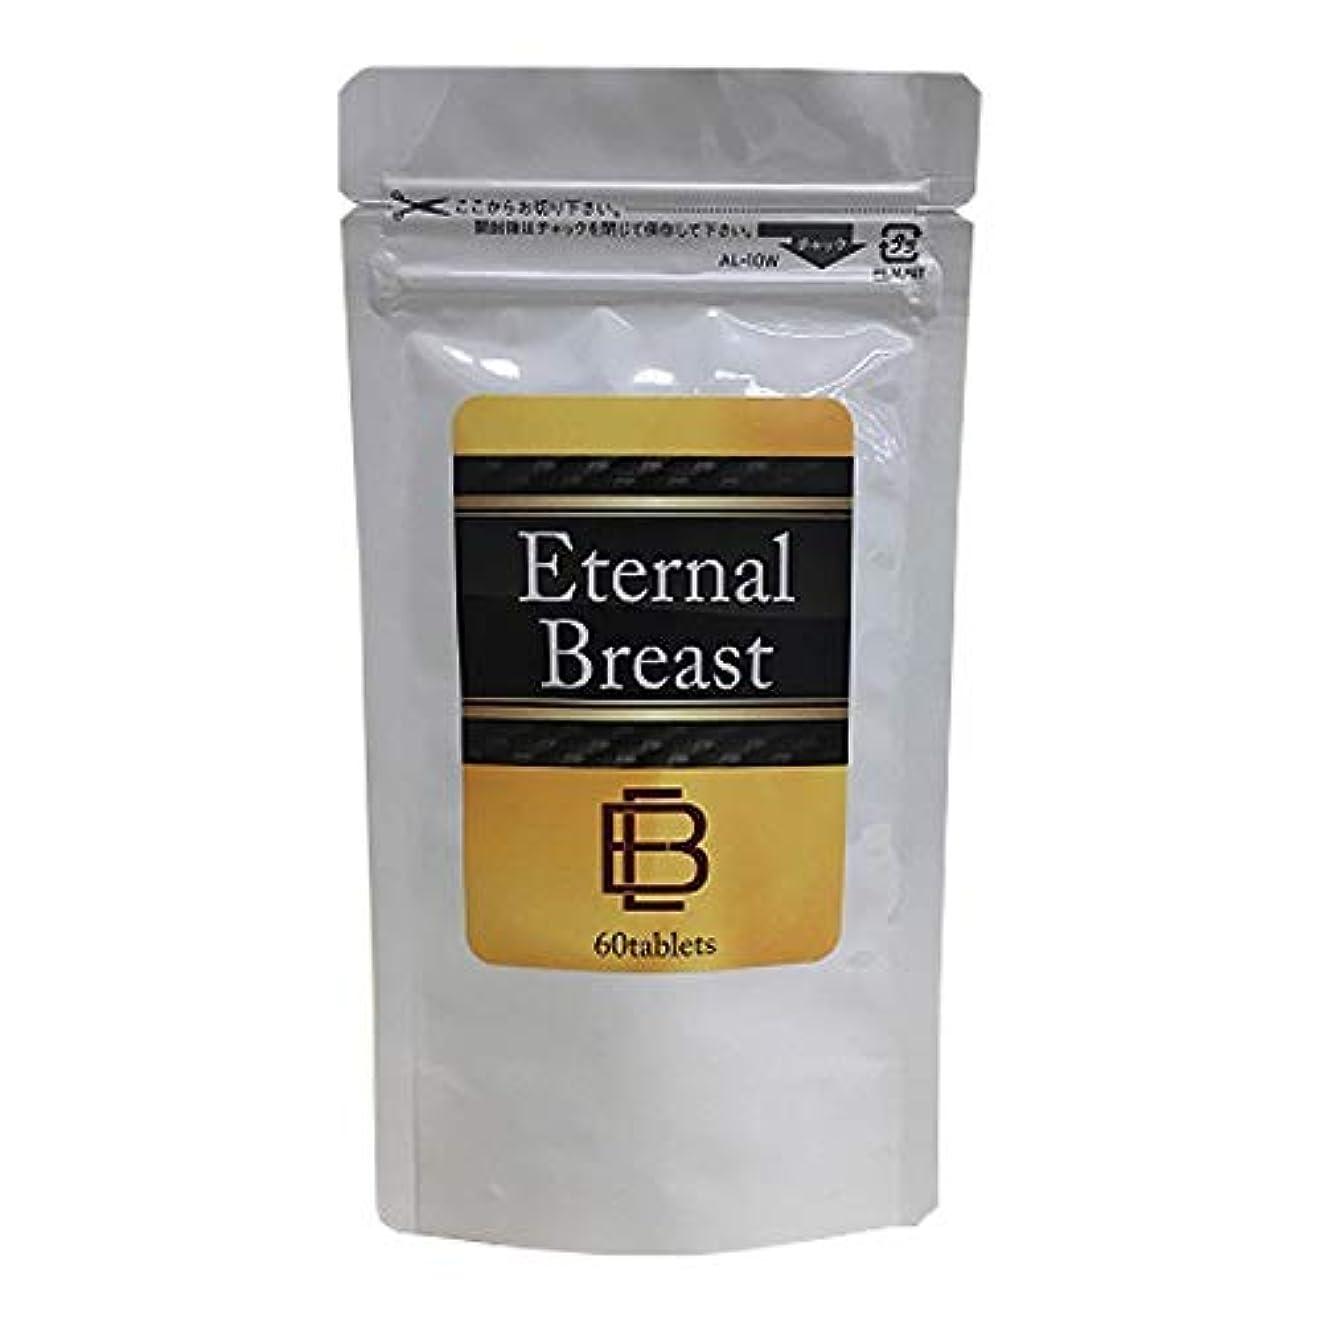 ビルダーペパーミントペインギリックエターナルブレスト サプリメント 60粒 約30日分